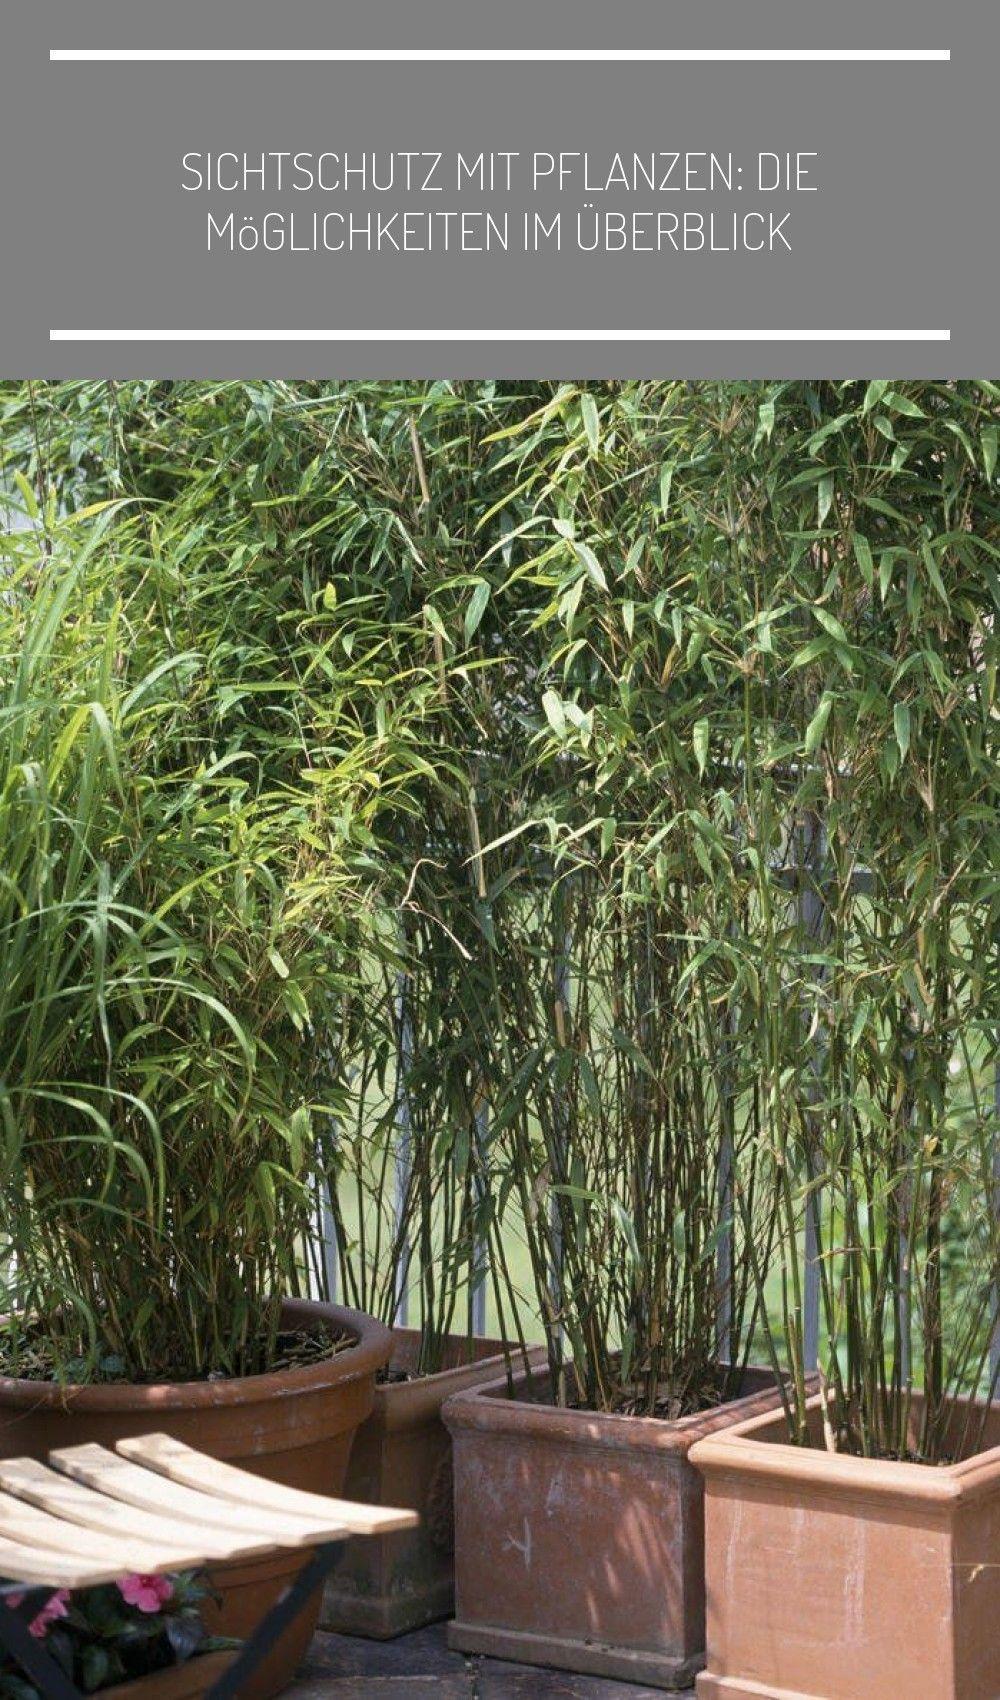 Bambus Ist Nicht Nur Eine Sehr Effektive Sichtschutz Pflanze Er Sorgt Auch Fur Fernostliches Flair Auf Dem Balkon Bambus Sichtschutz Balkon Meinschoenerga In 2020 Garten Und Outdoor Pflanzen Gartenmauer Designs